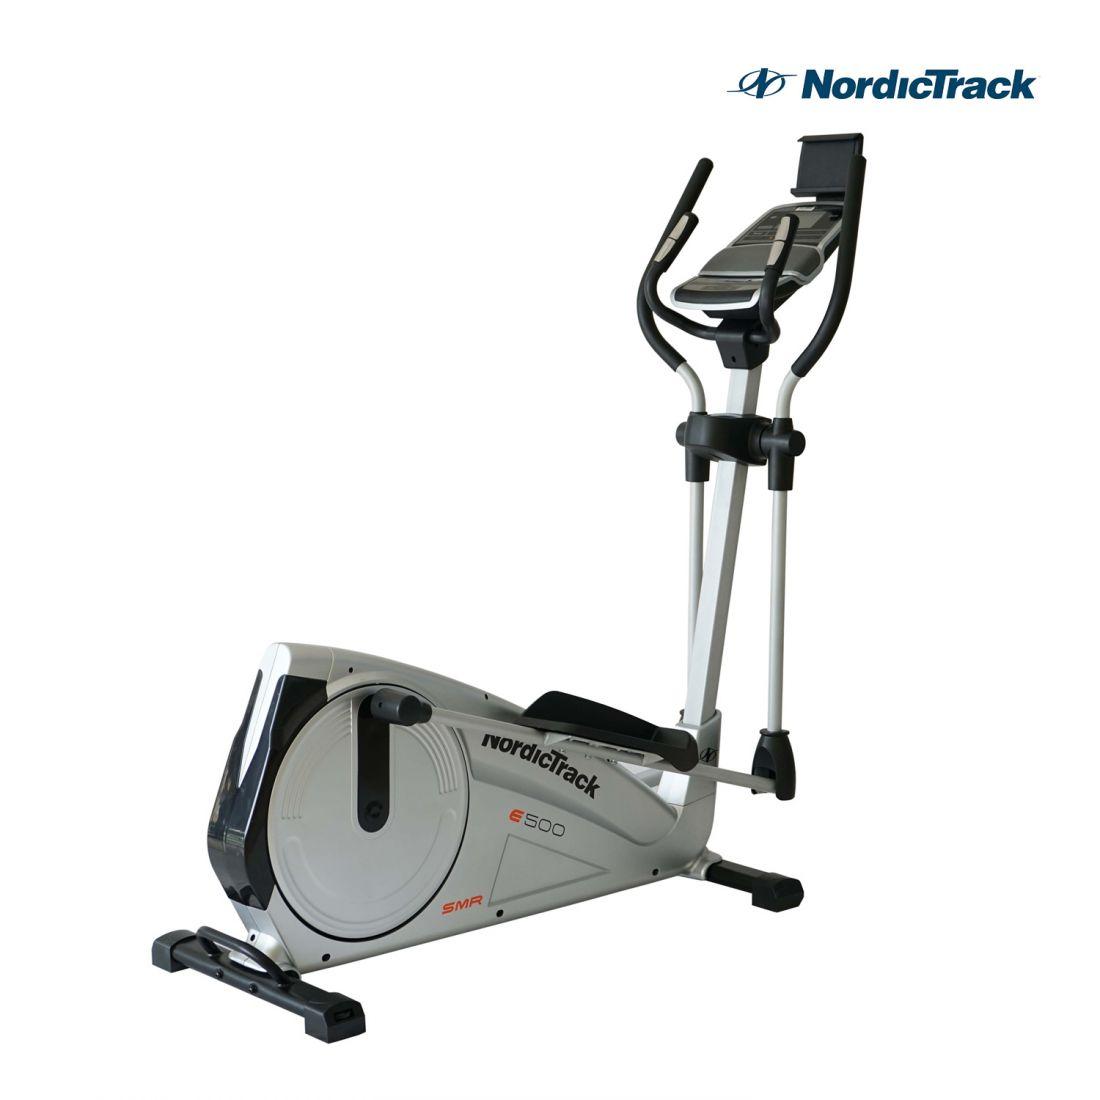 NordicTrack E500